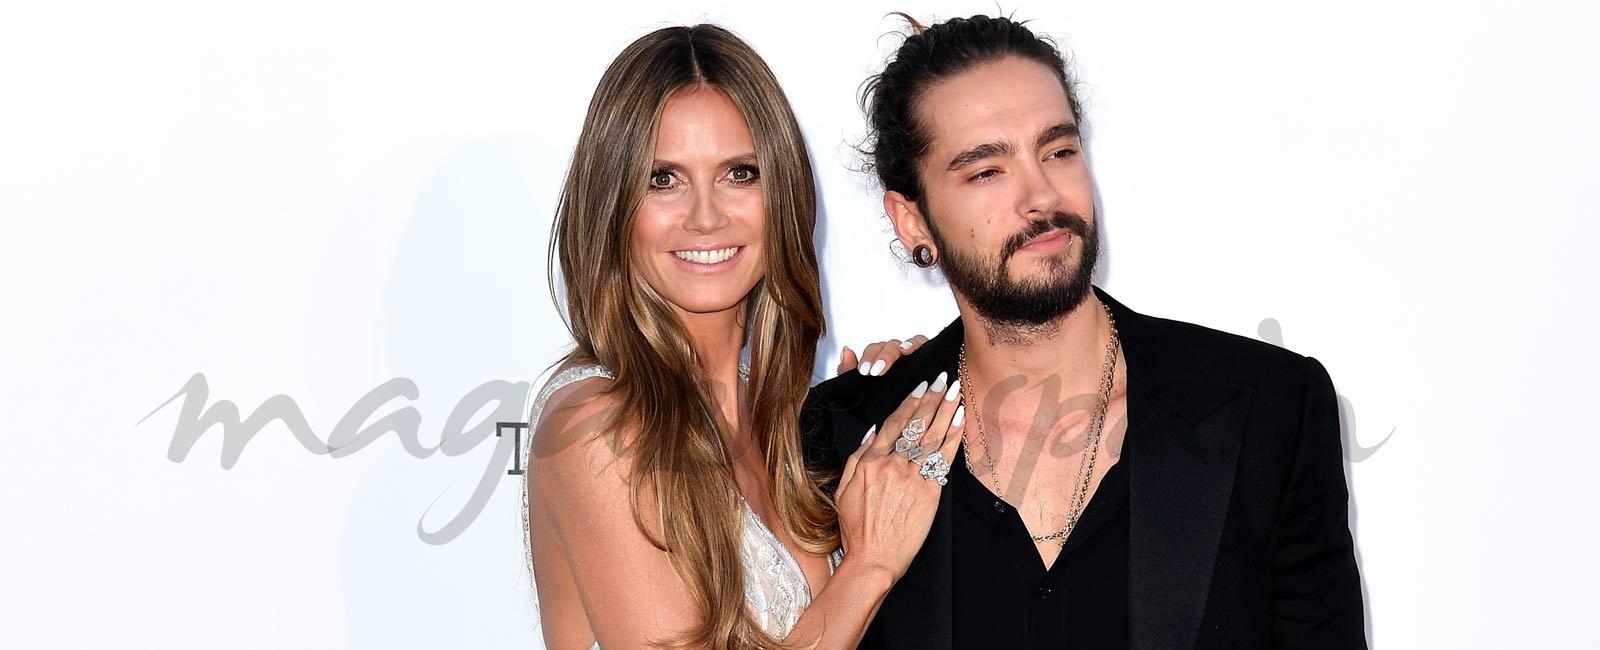 Heidi Klum presenta a su novio en la alfombra roja de la gala amfAR